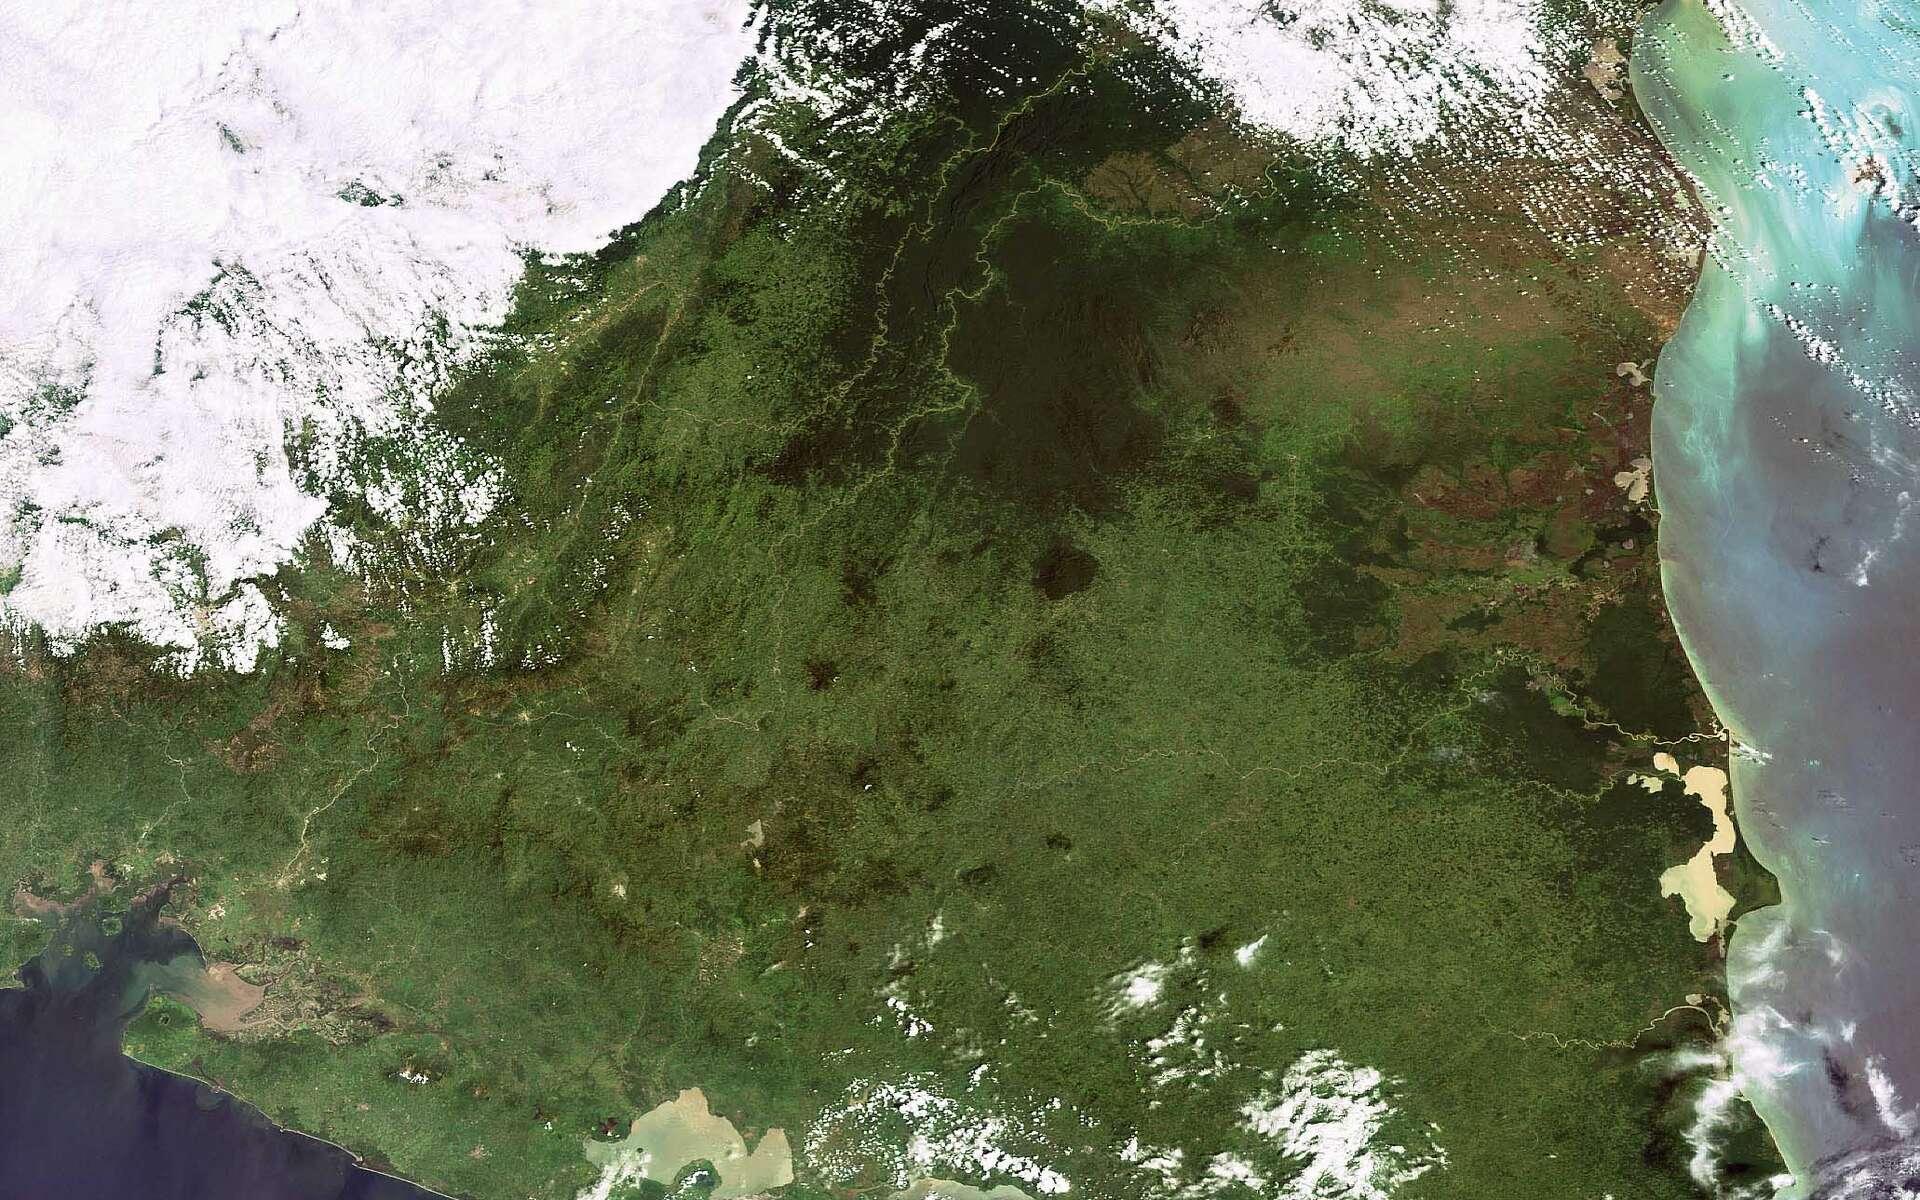 Cette image d'Envisat couvre la République du Nicaragua, située en Amérique Centrale entre le Honduras au nord, le Costa Rica au sud, la Mer des Caraïbes à l'est (à droite) et l'Océan Pacifique à l'ouest. La résolution est de 300 mètres par pixel. Crédit Esa